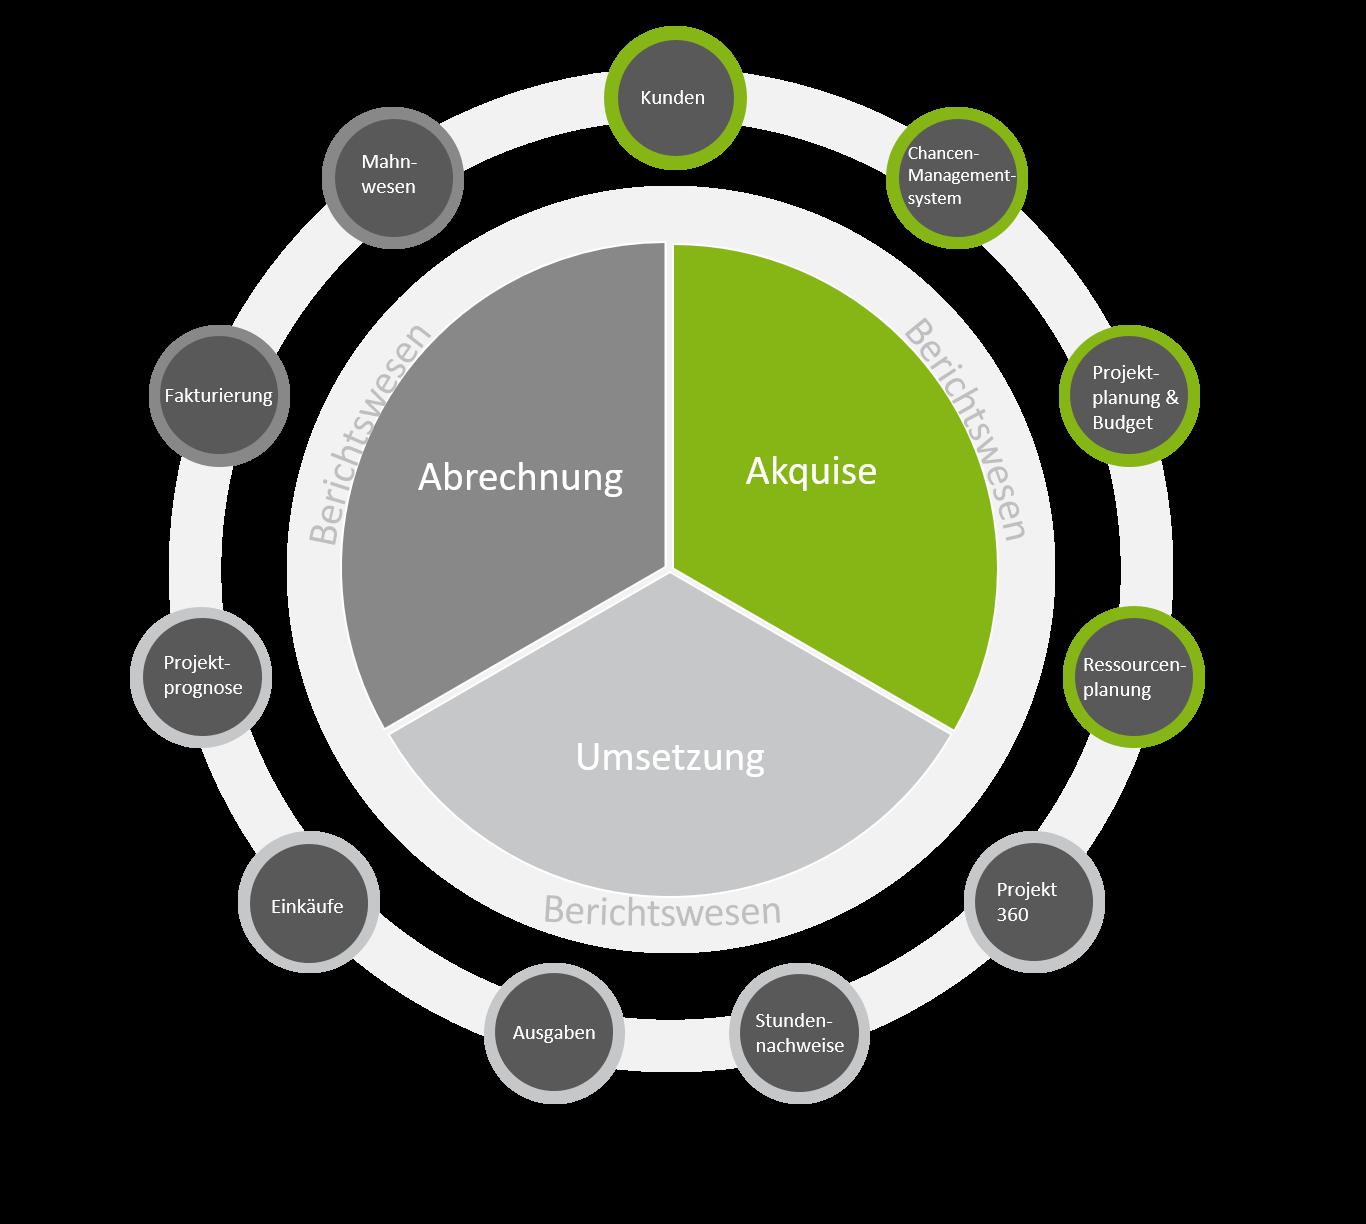 Modell Unit4 ERP für projektorientierte Dienstleister - Lebenszyklus